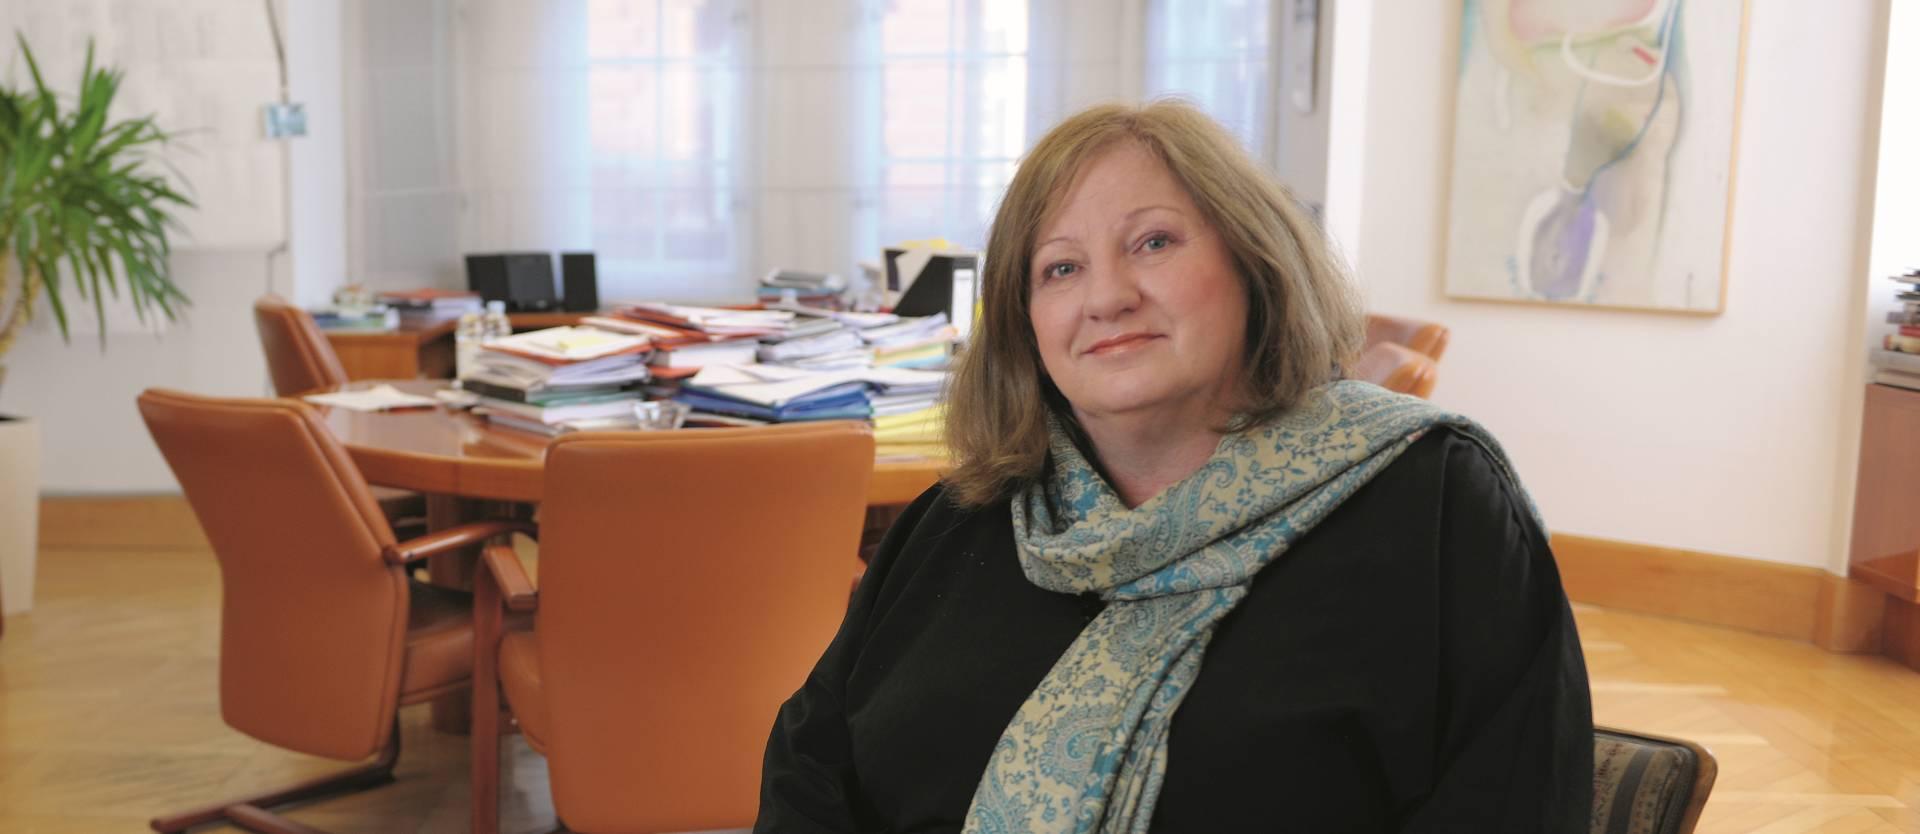 NACIONAL DONOSI: POSLJEDNJI DANI U VLADI: Andrea Zlatar Violić i suradnici nezakonito sebi isplatili 152.000 kuna